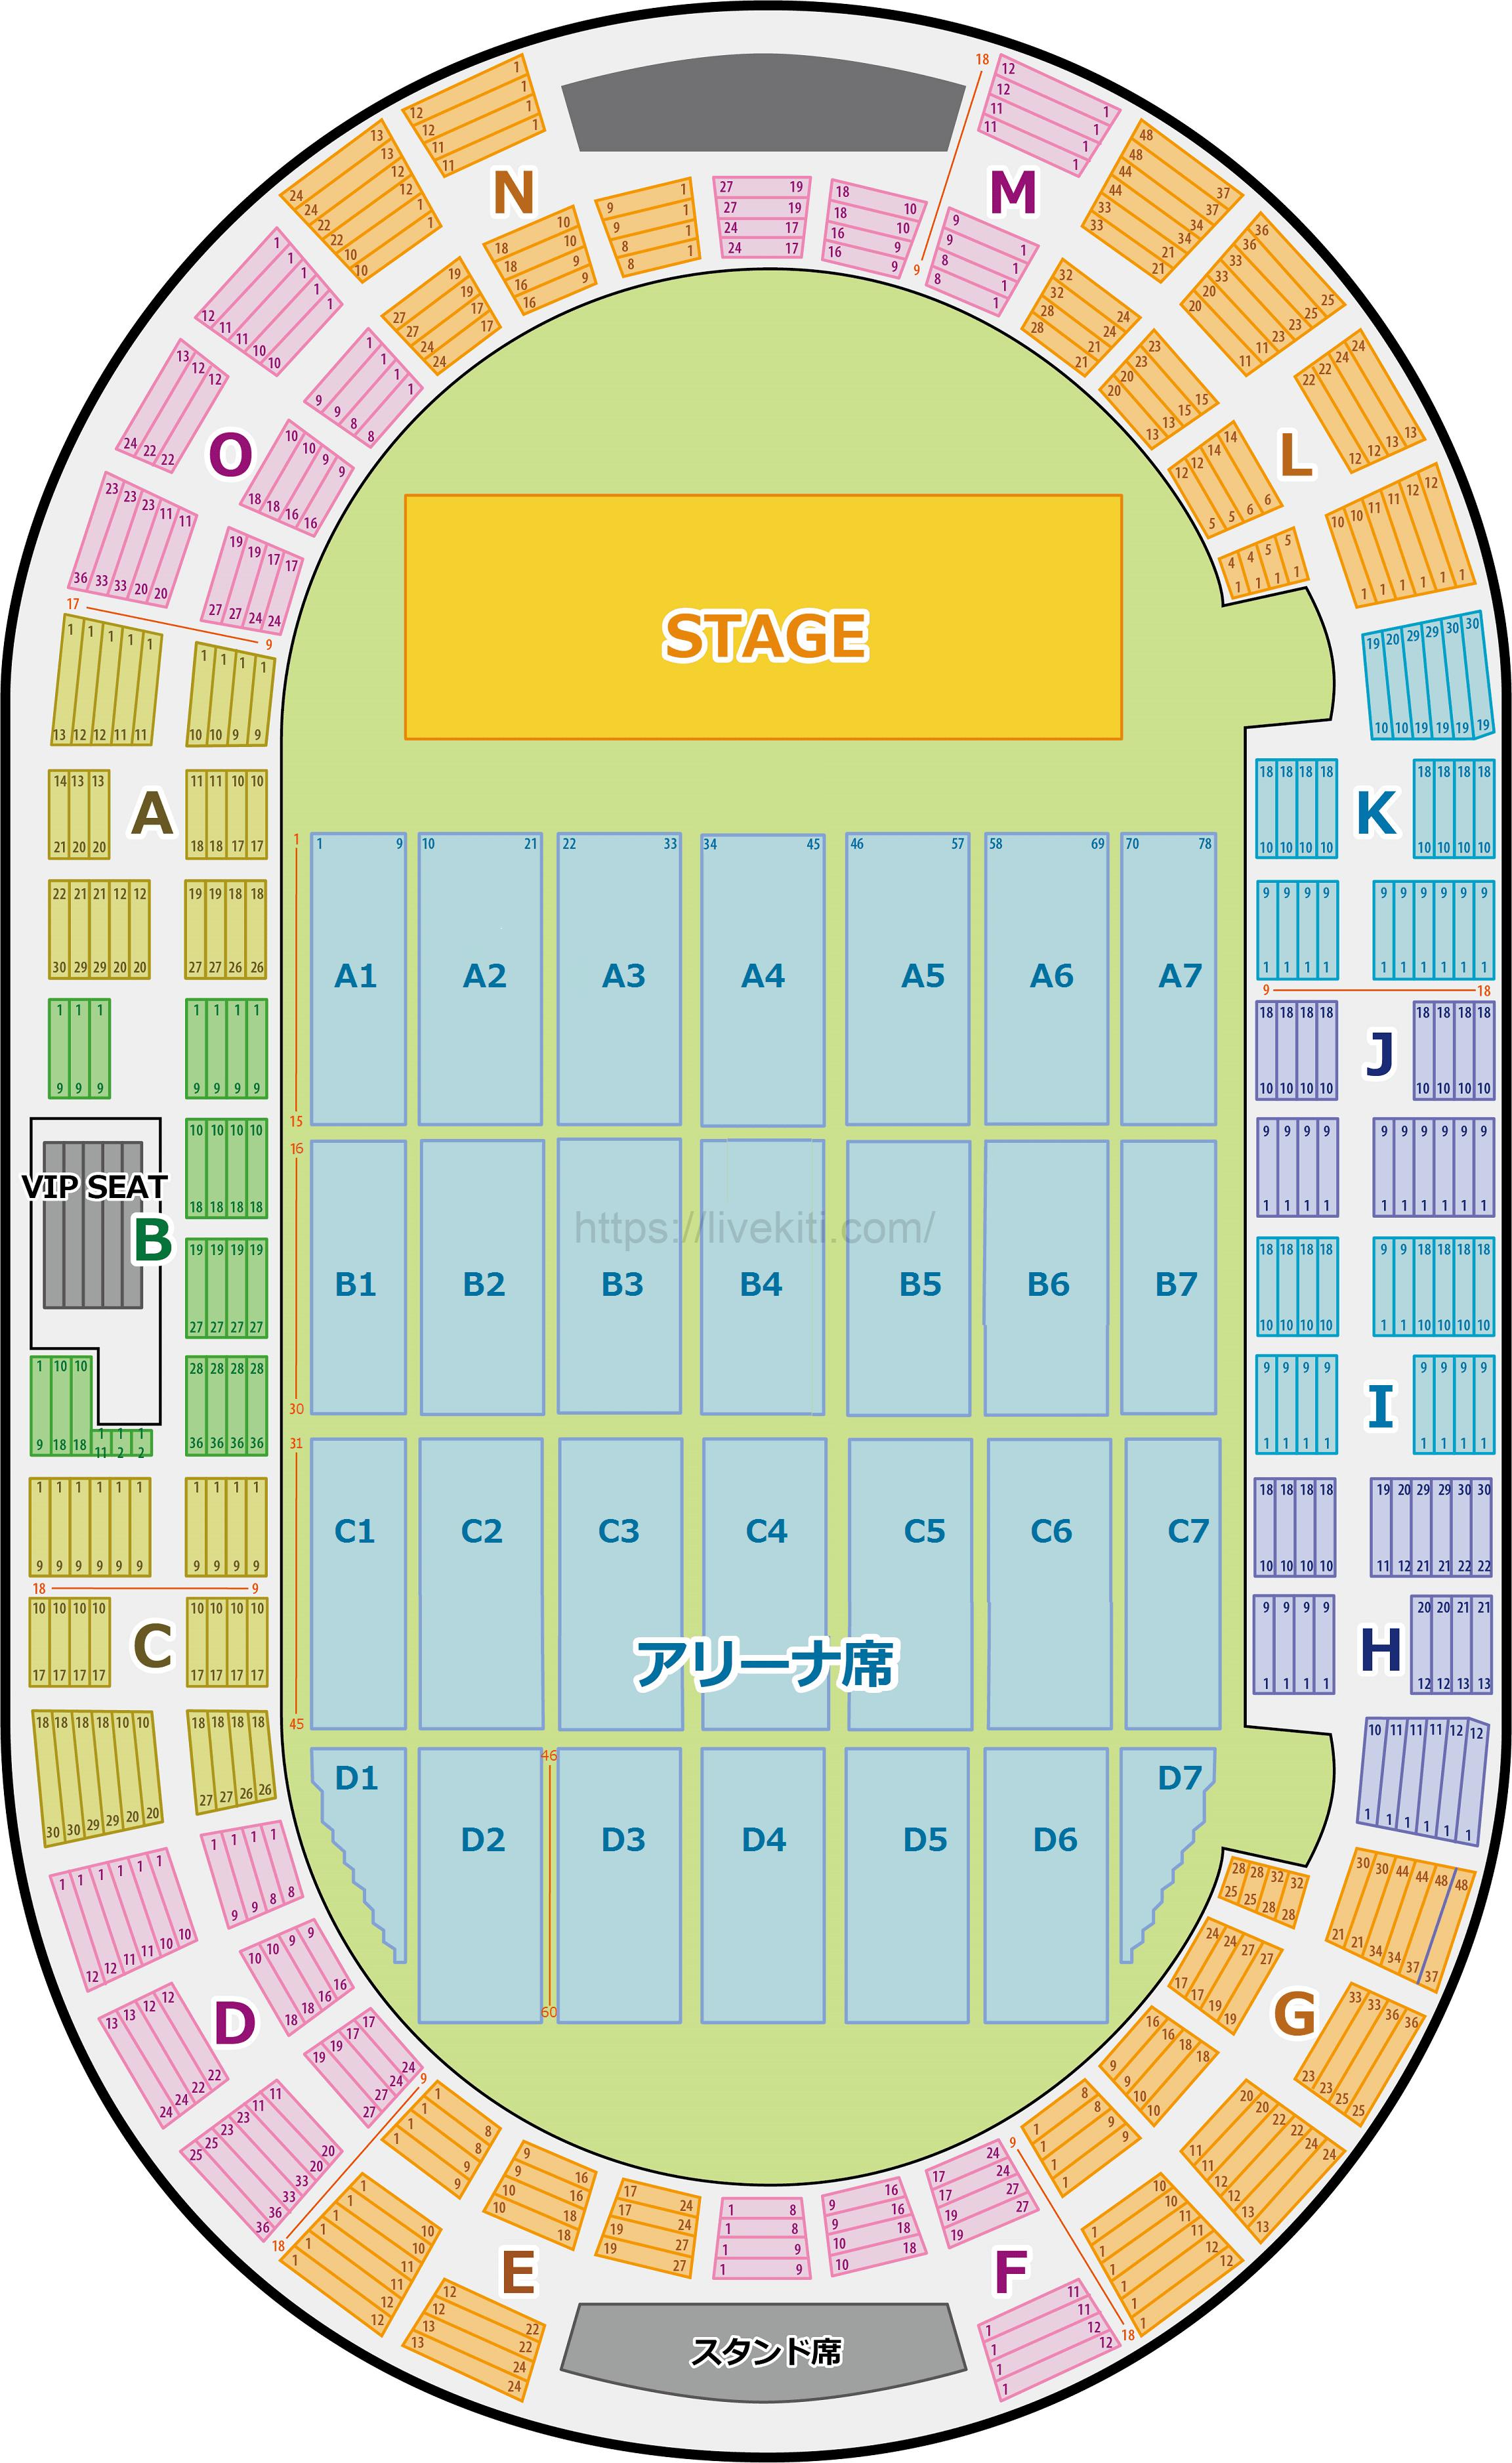 神戸ワールド記念ホール アリーナ 座席表